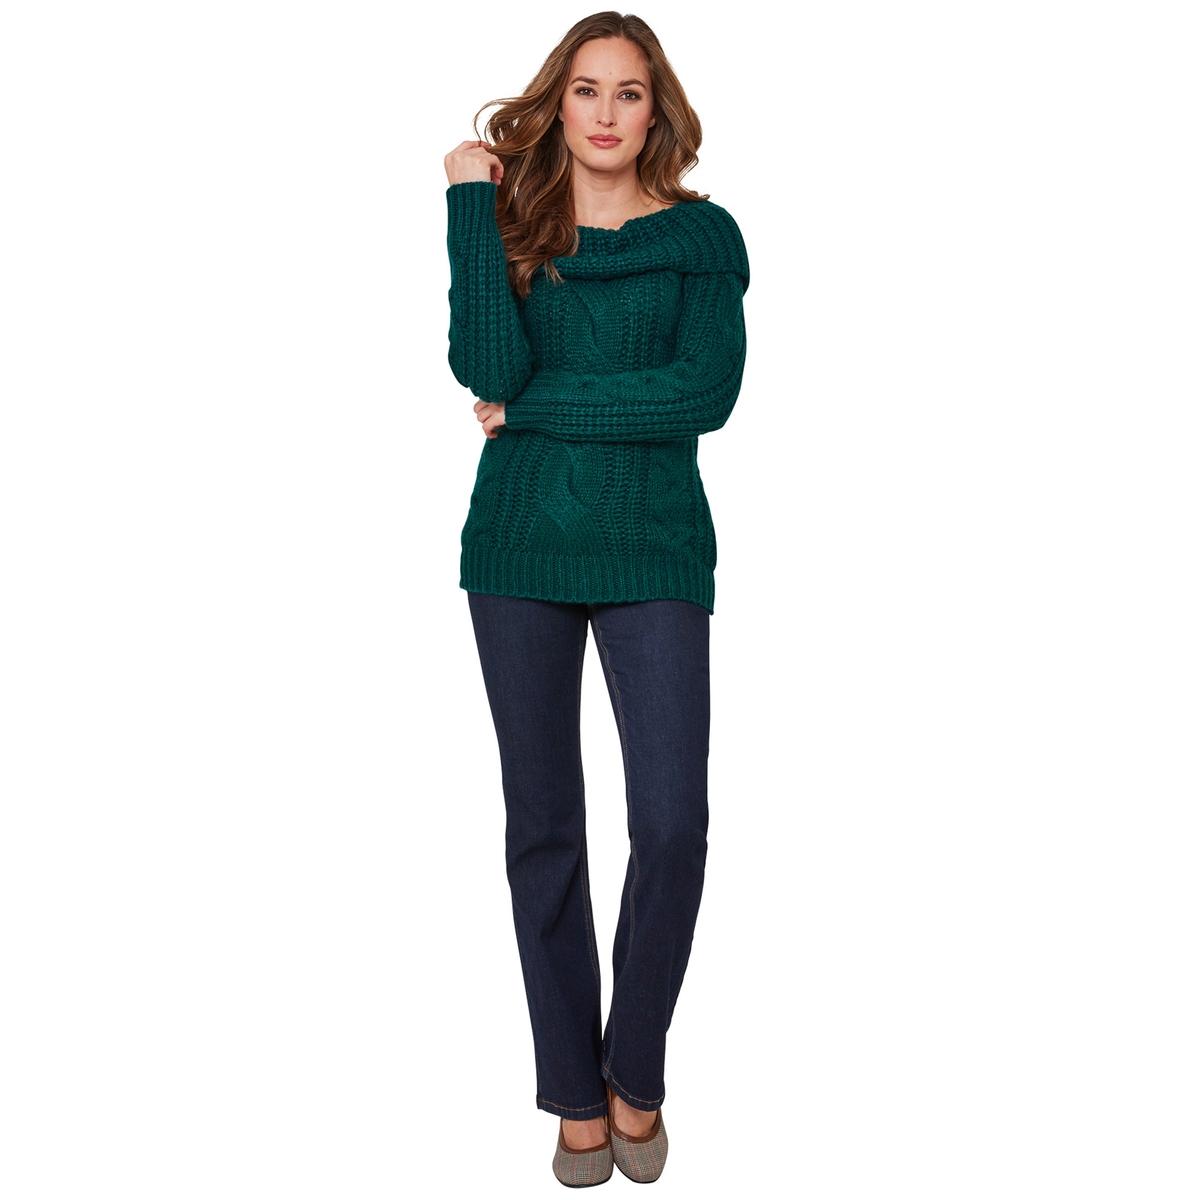 Пуловер La Redoute С открытыми плечами из плотного трикотажа с узором косы 44 (FR) - 50 (RUS) зеленый платье la redoute облегающее с открытыми плечами из тонкого трикотажа xs черный